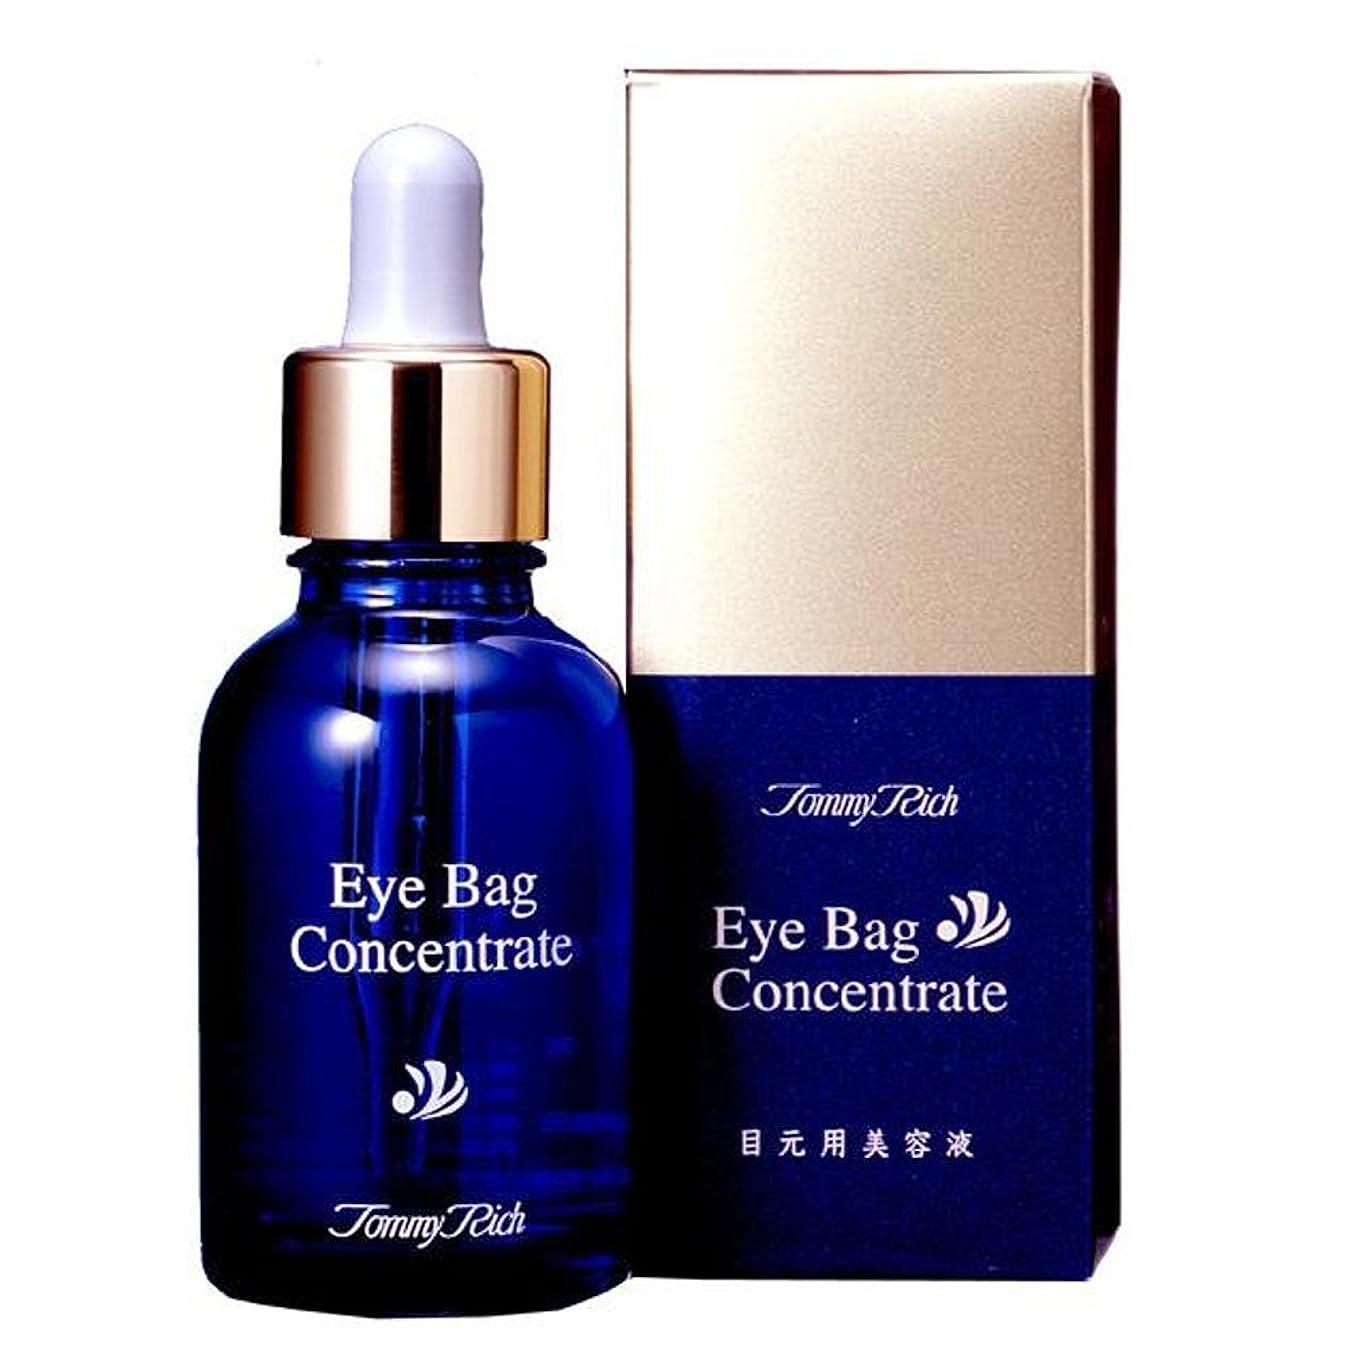 ハム一ほめる目の下のタルミ、目袋専用美容液アイバッグコンセントレイト